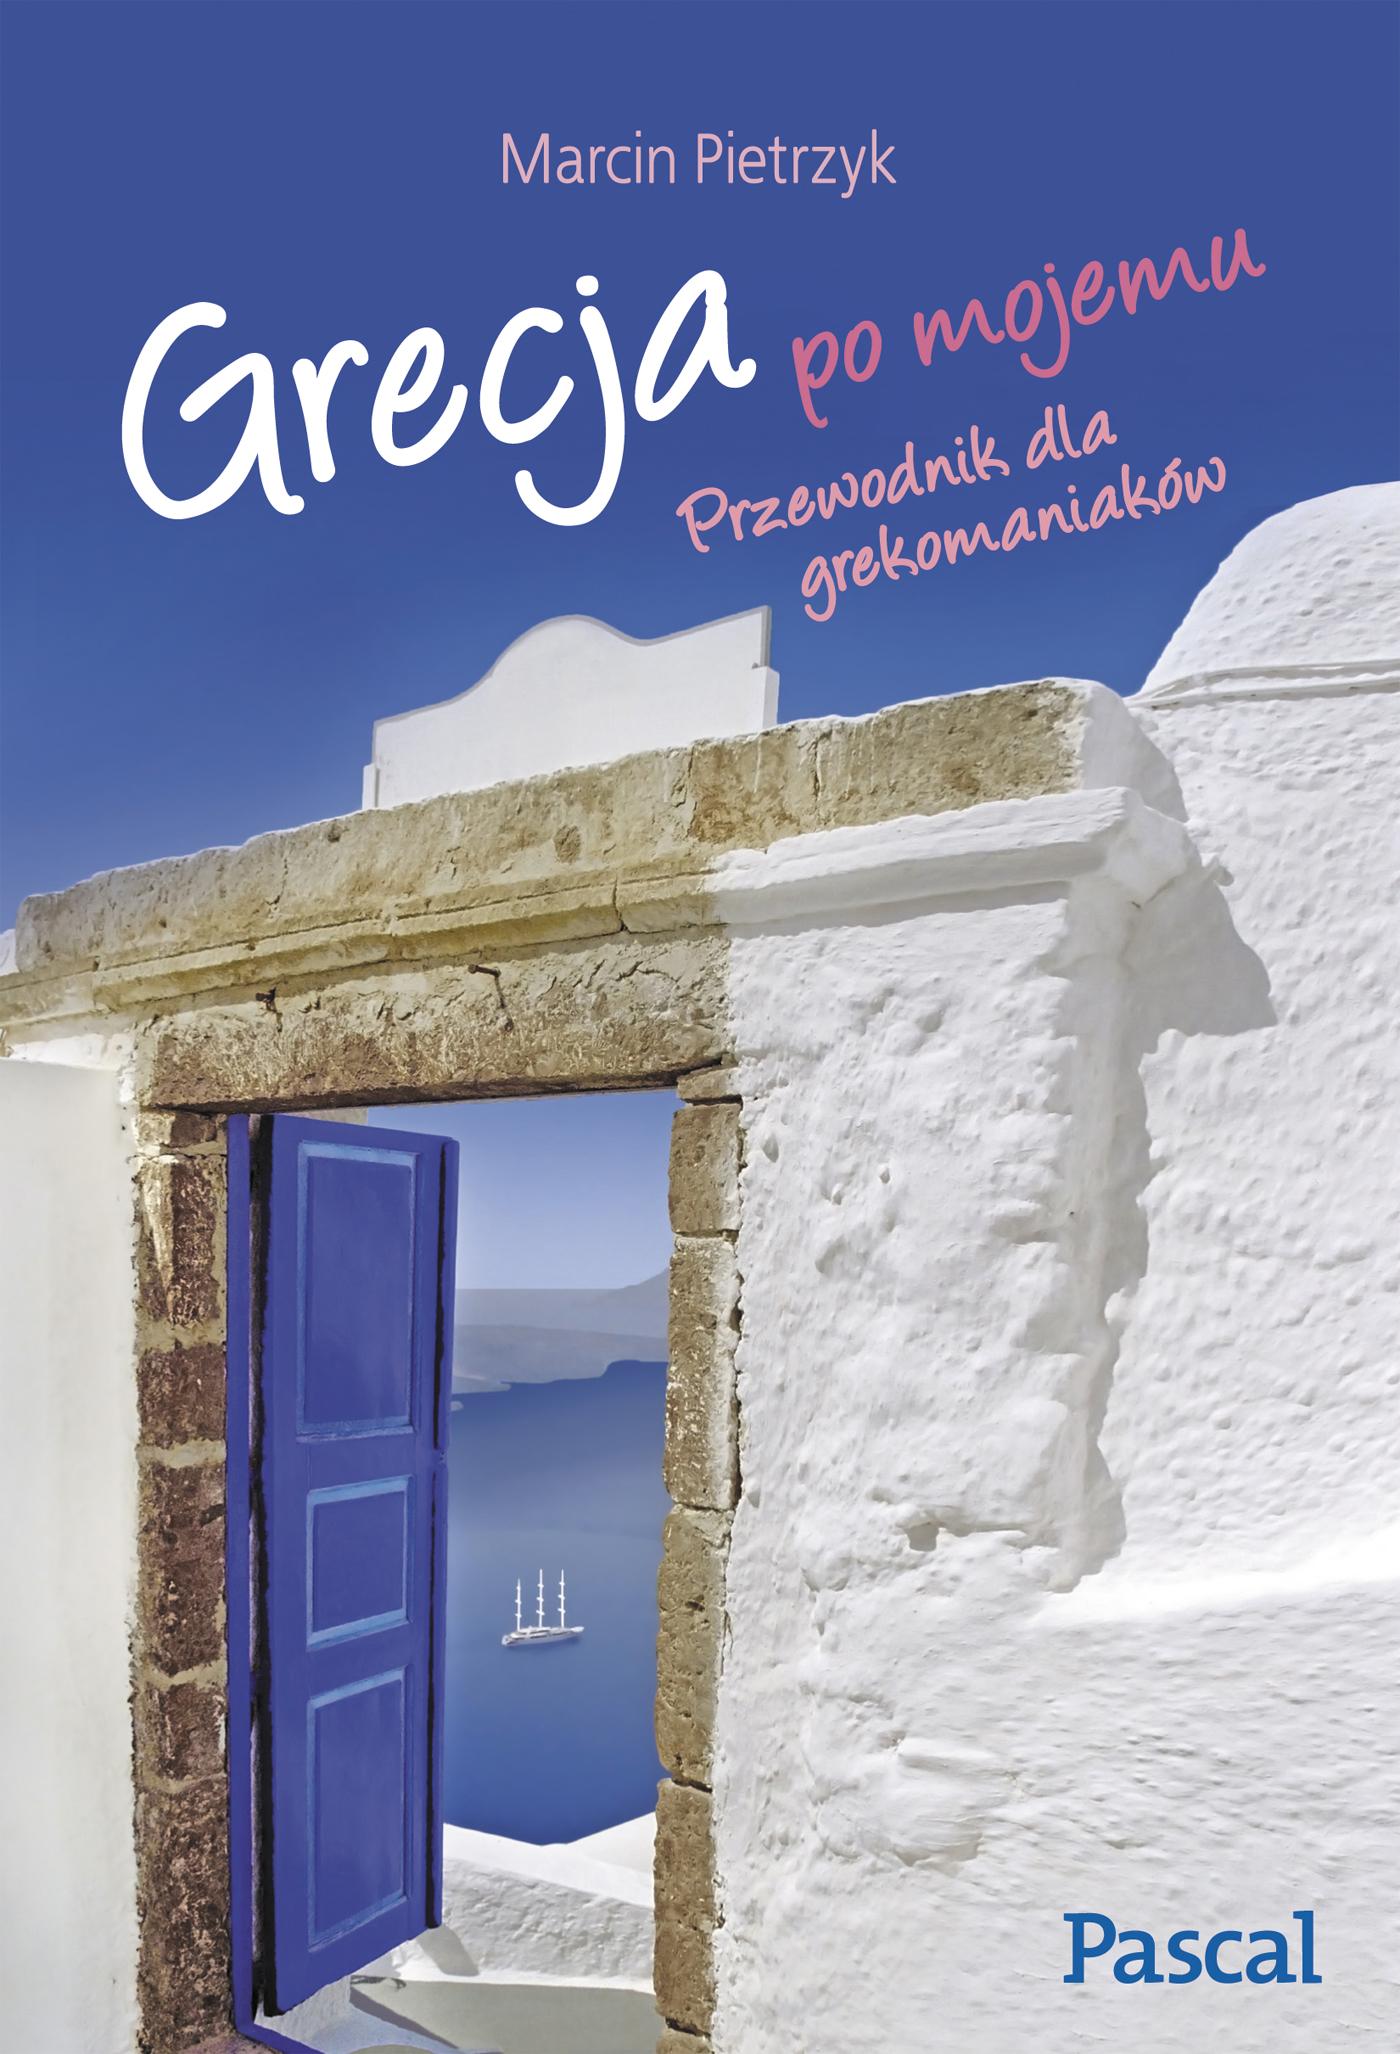 Grecja po mojemu. Przewodnik dla grekomaniaków